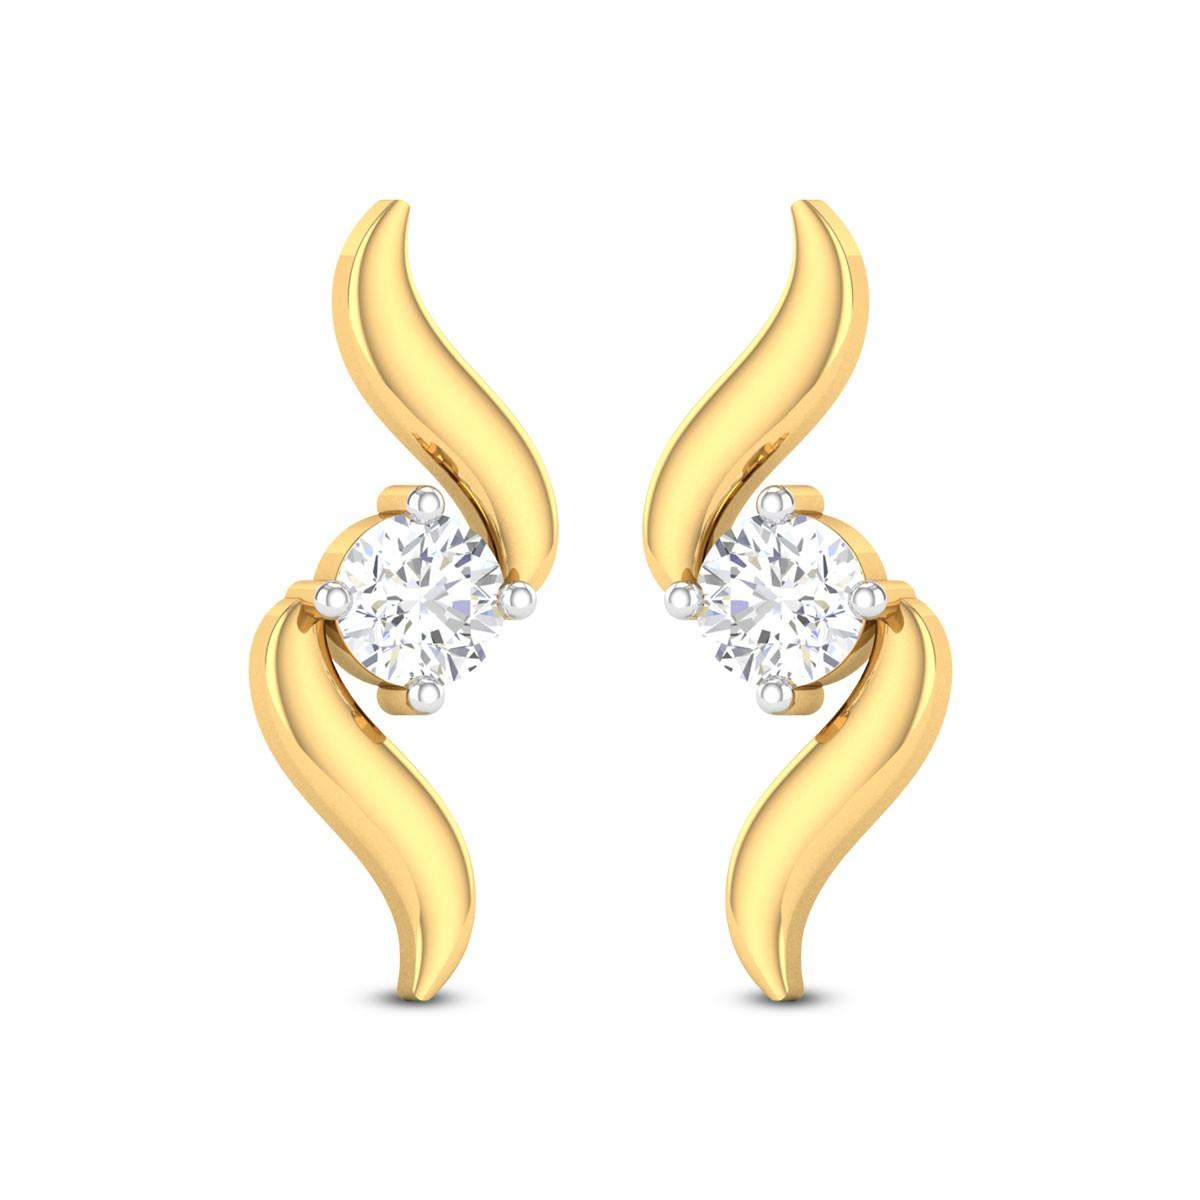 Wafa Solitaire Stud Earrings